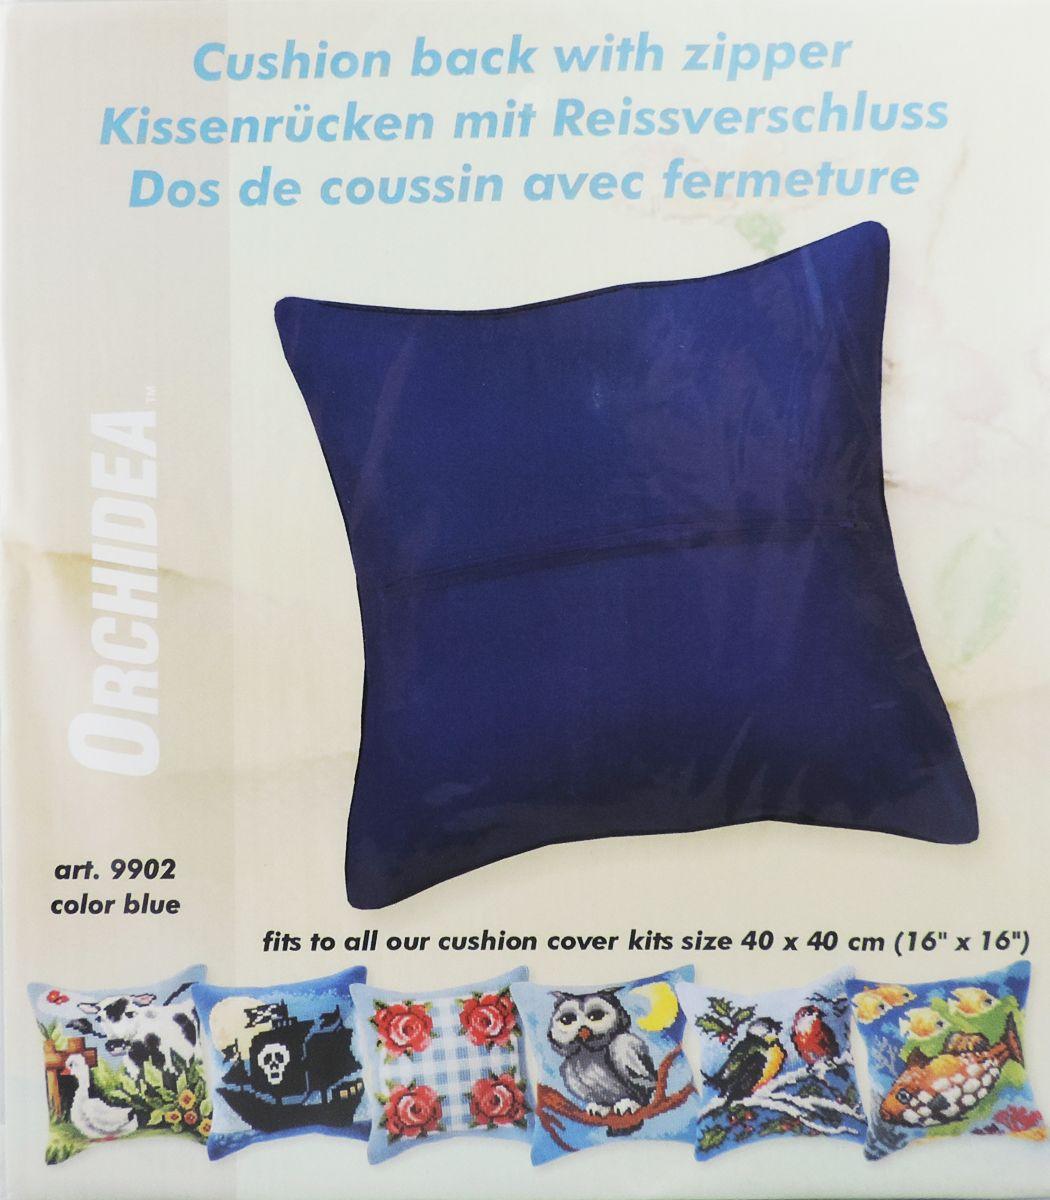 Обратная сторона подушки Orchidea, 45 х 45 см, цвет: черный. 9902NLED-454-9W-BKОбратная сторона подушки с уже вшитой молнией. Идеальна для подушек размером 40х40 см. В центре вшит замок-молния, вам останется только пришить ее к декоративной части подушки. Состав: 100% хлопок